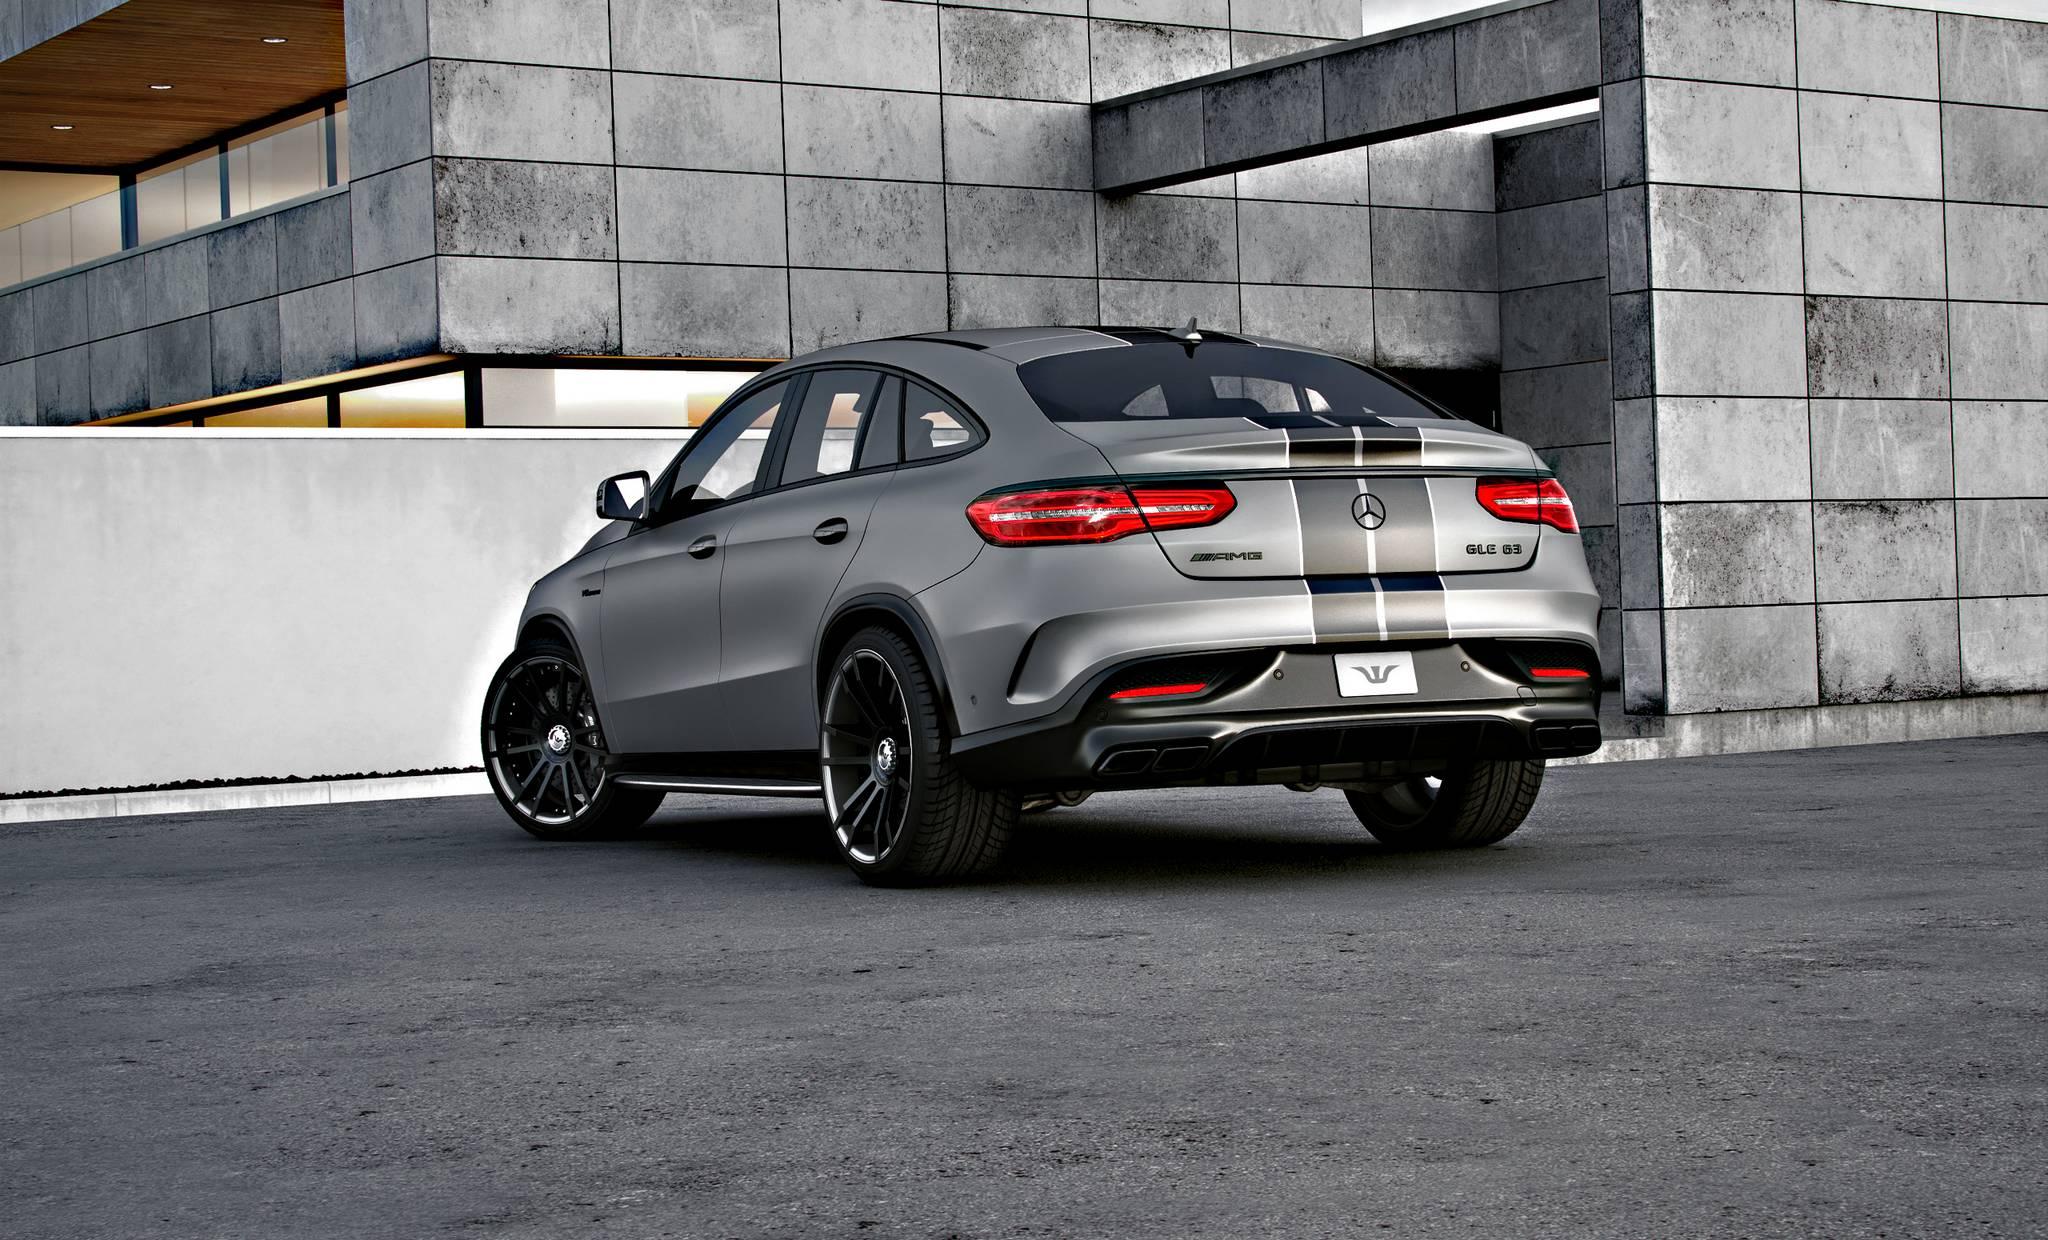 Mercedes-AMG GLE 63 tuned